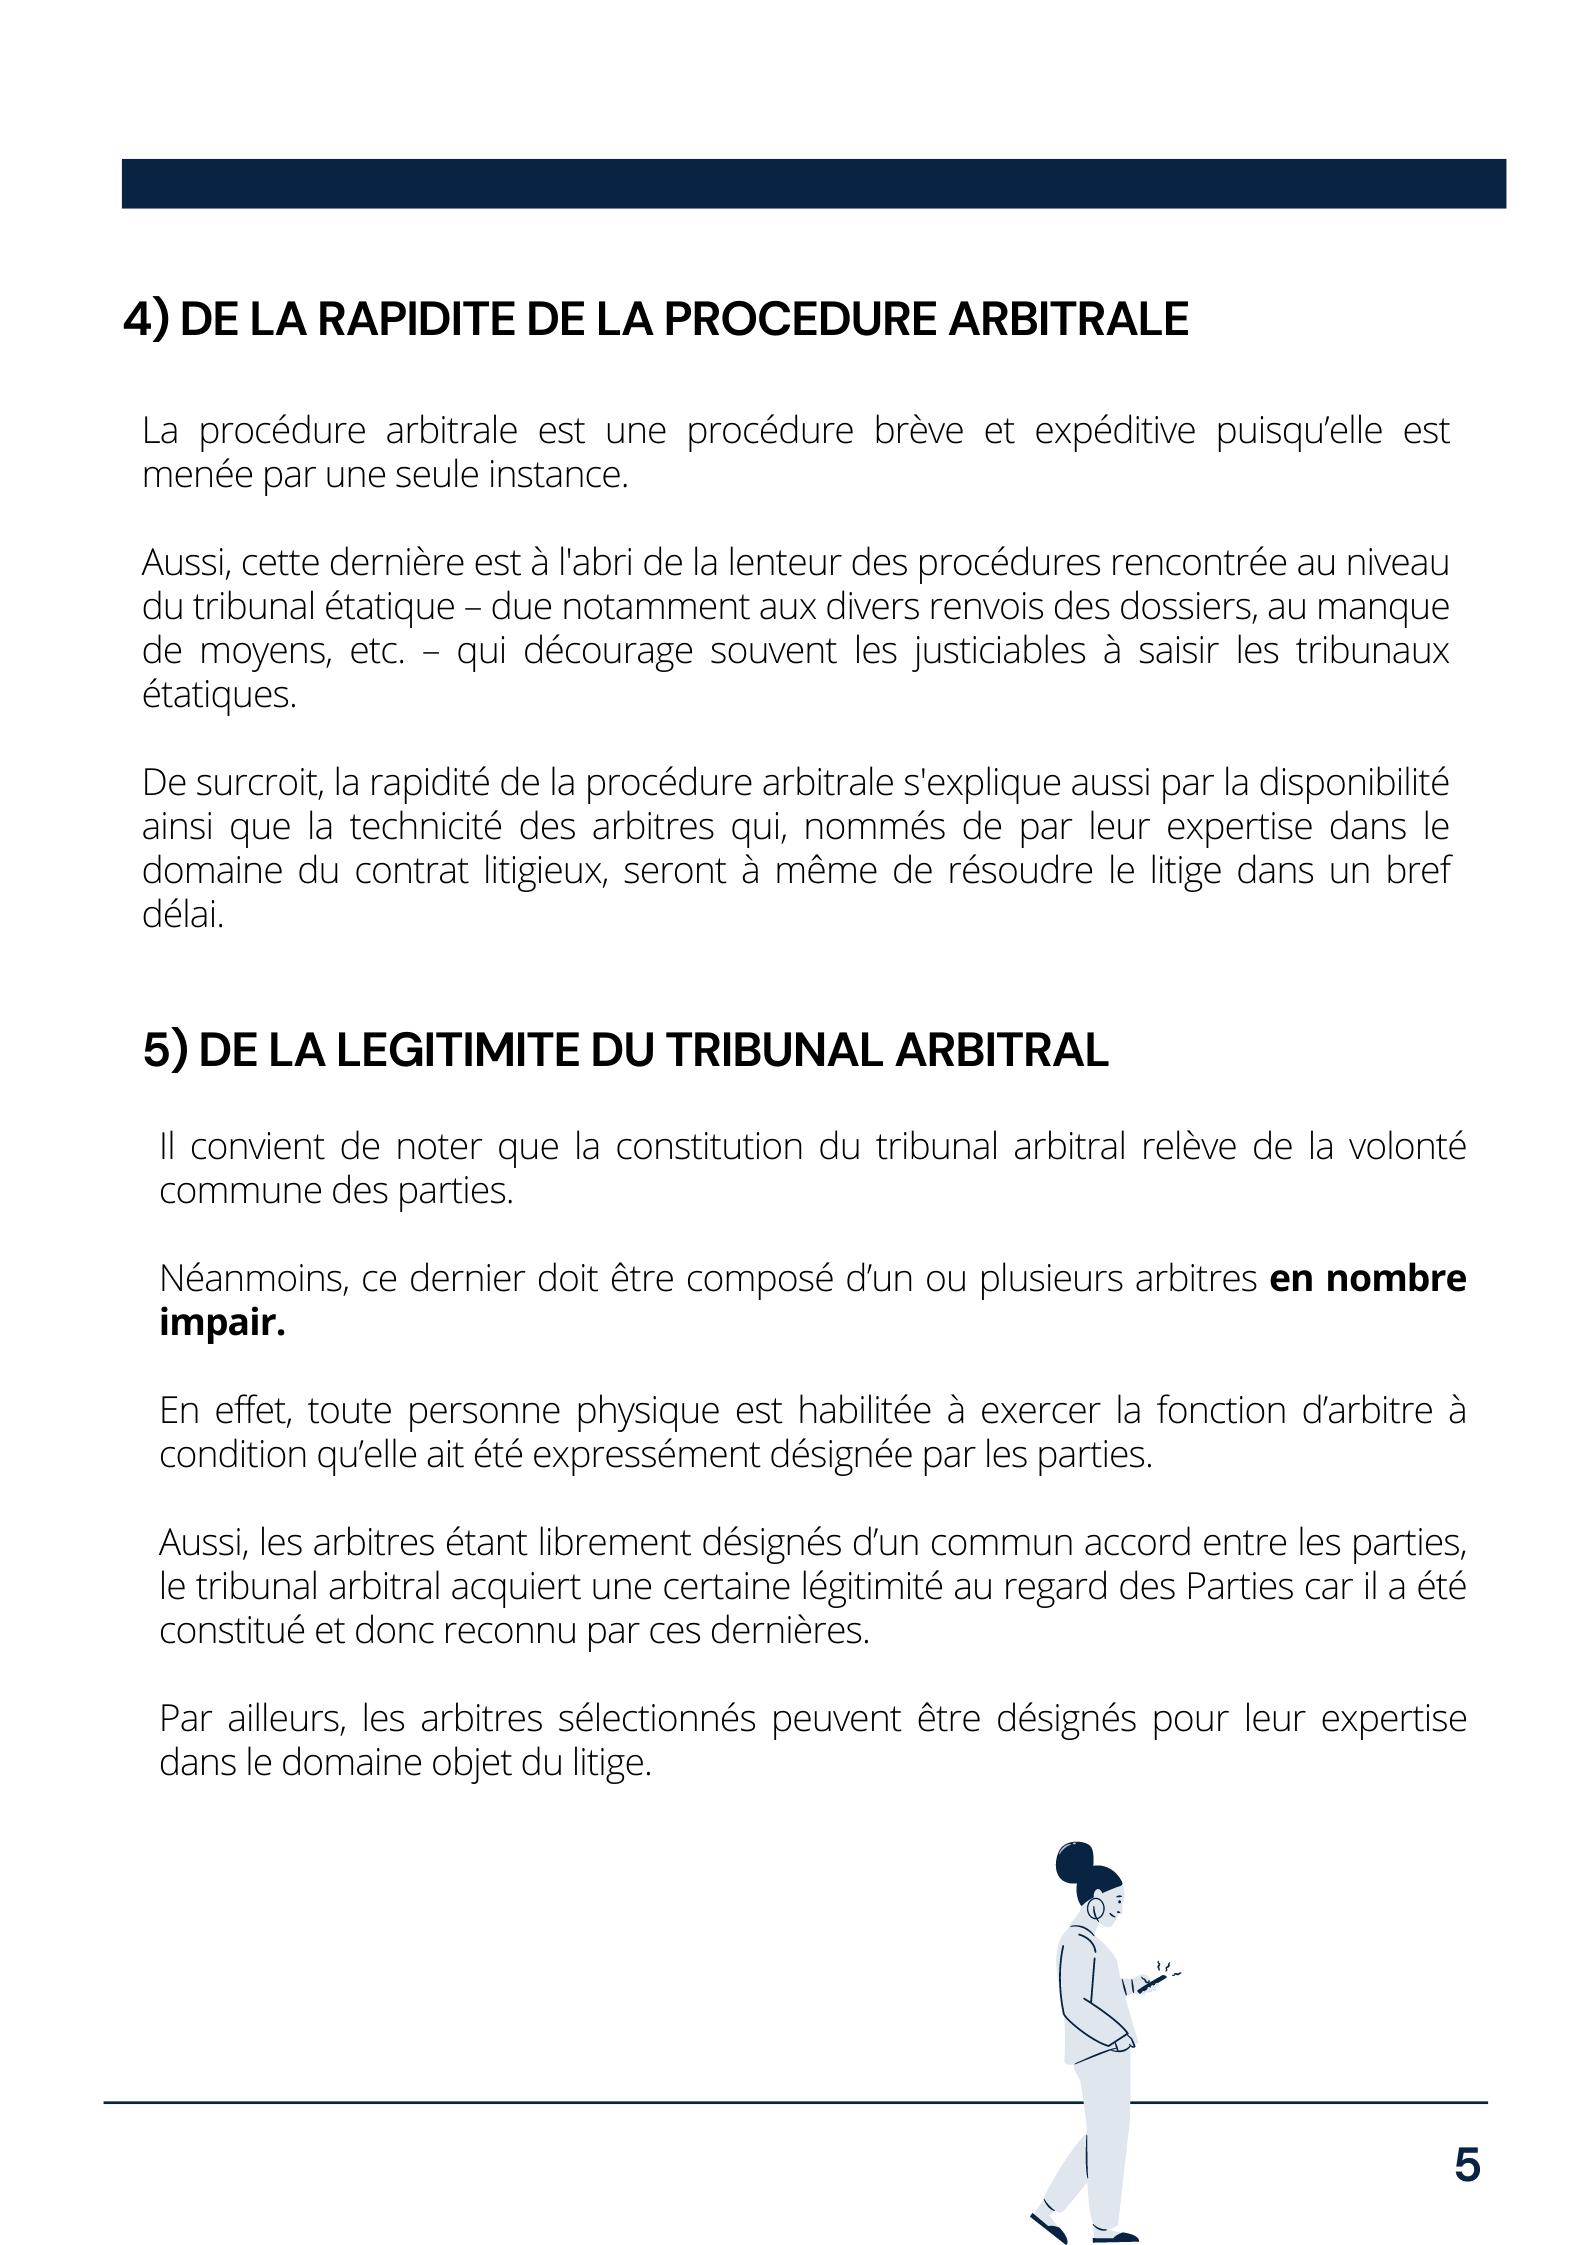 Règlement par voie d'arbitrage page 5